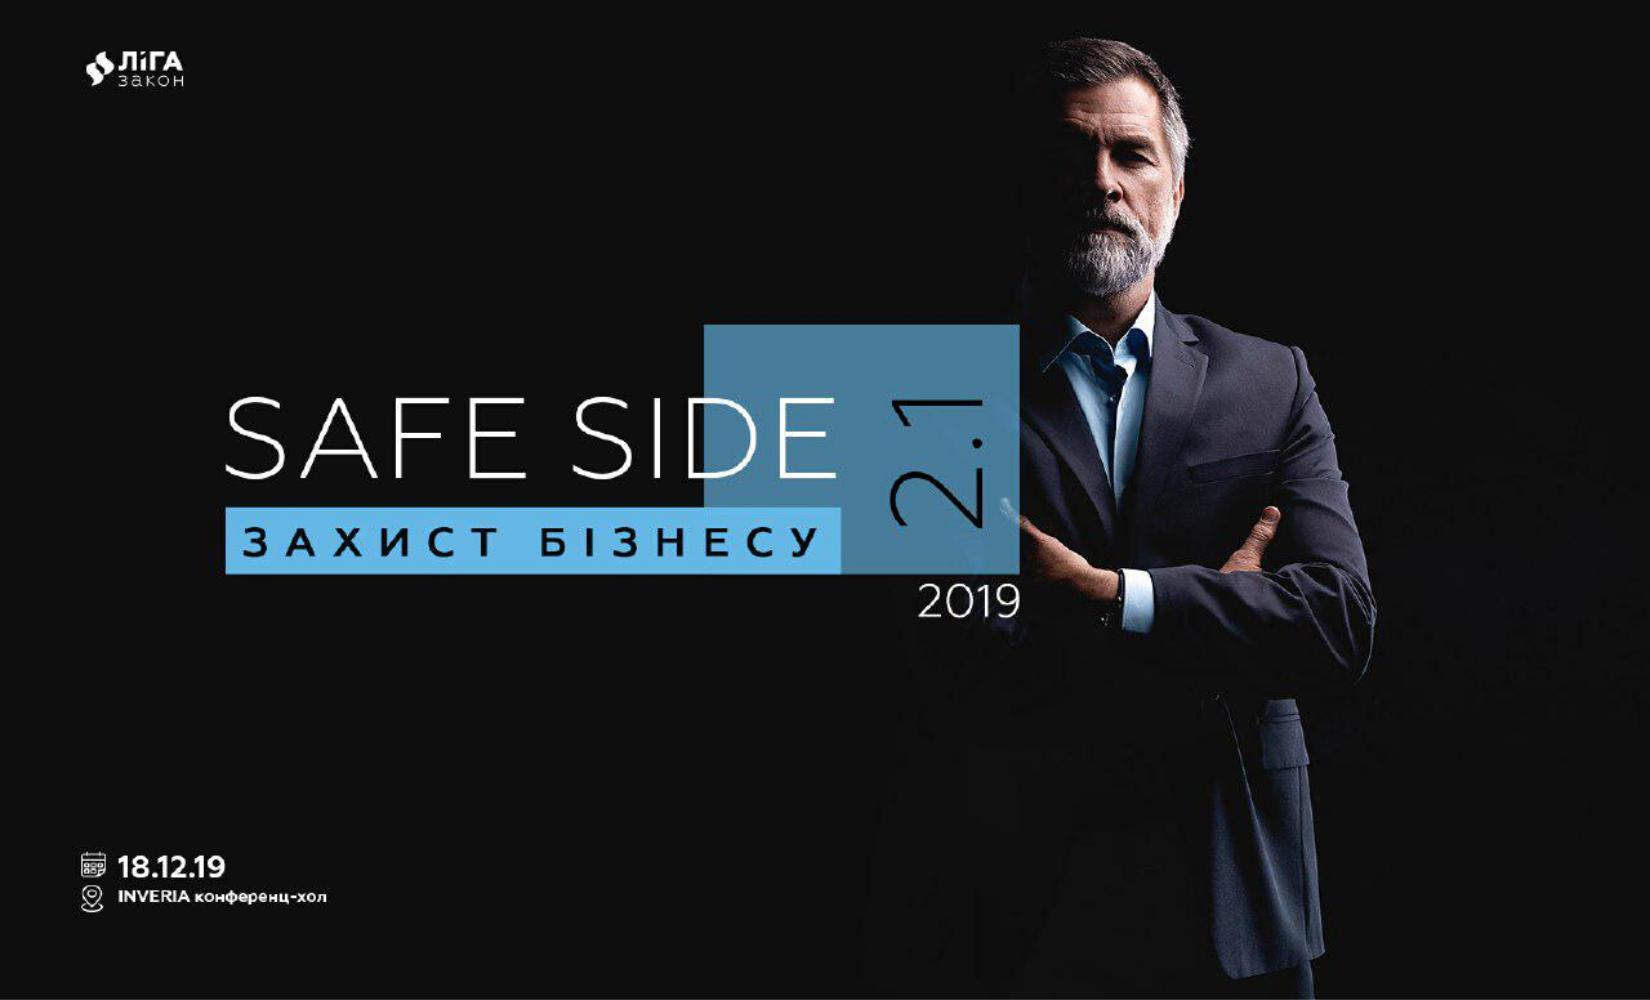 ЛІГА:ЗАКОН запрошує на саміт «Safe Side 2.1. Захист бізнесу»